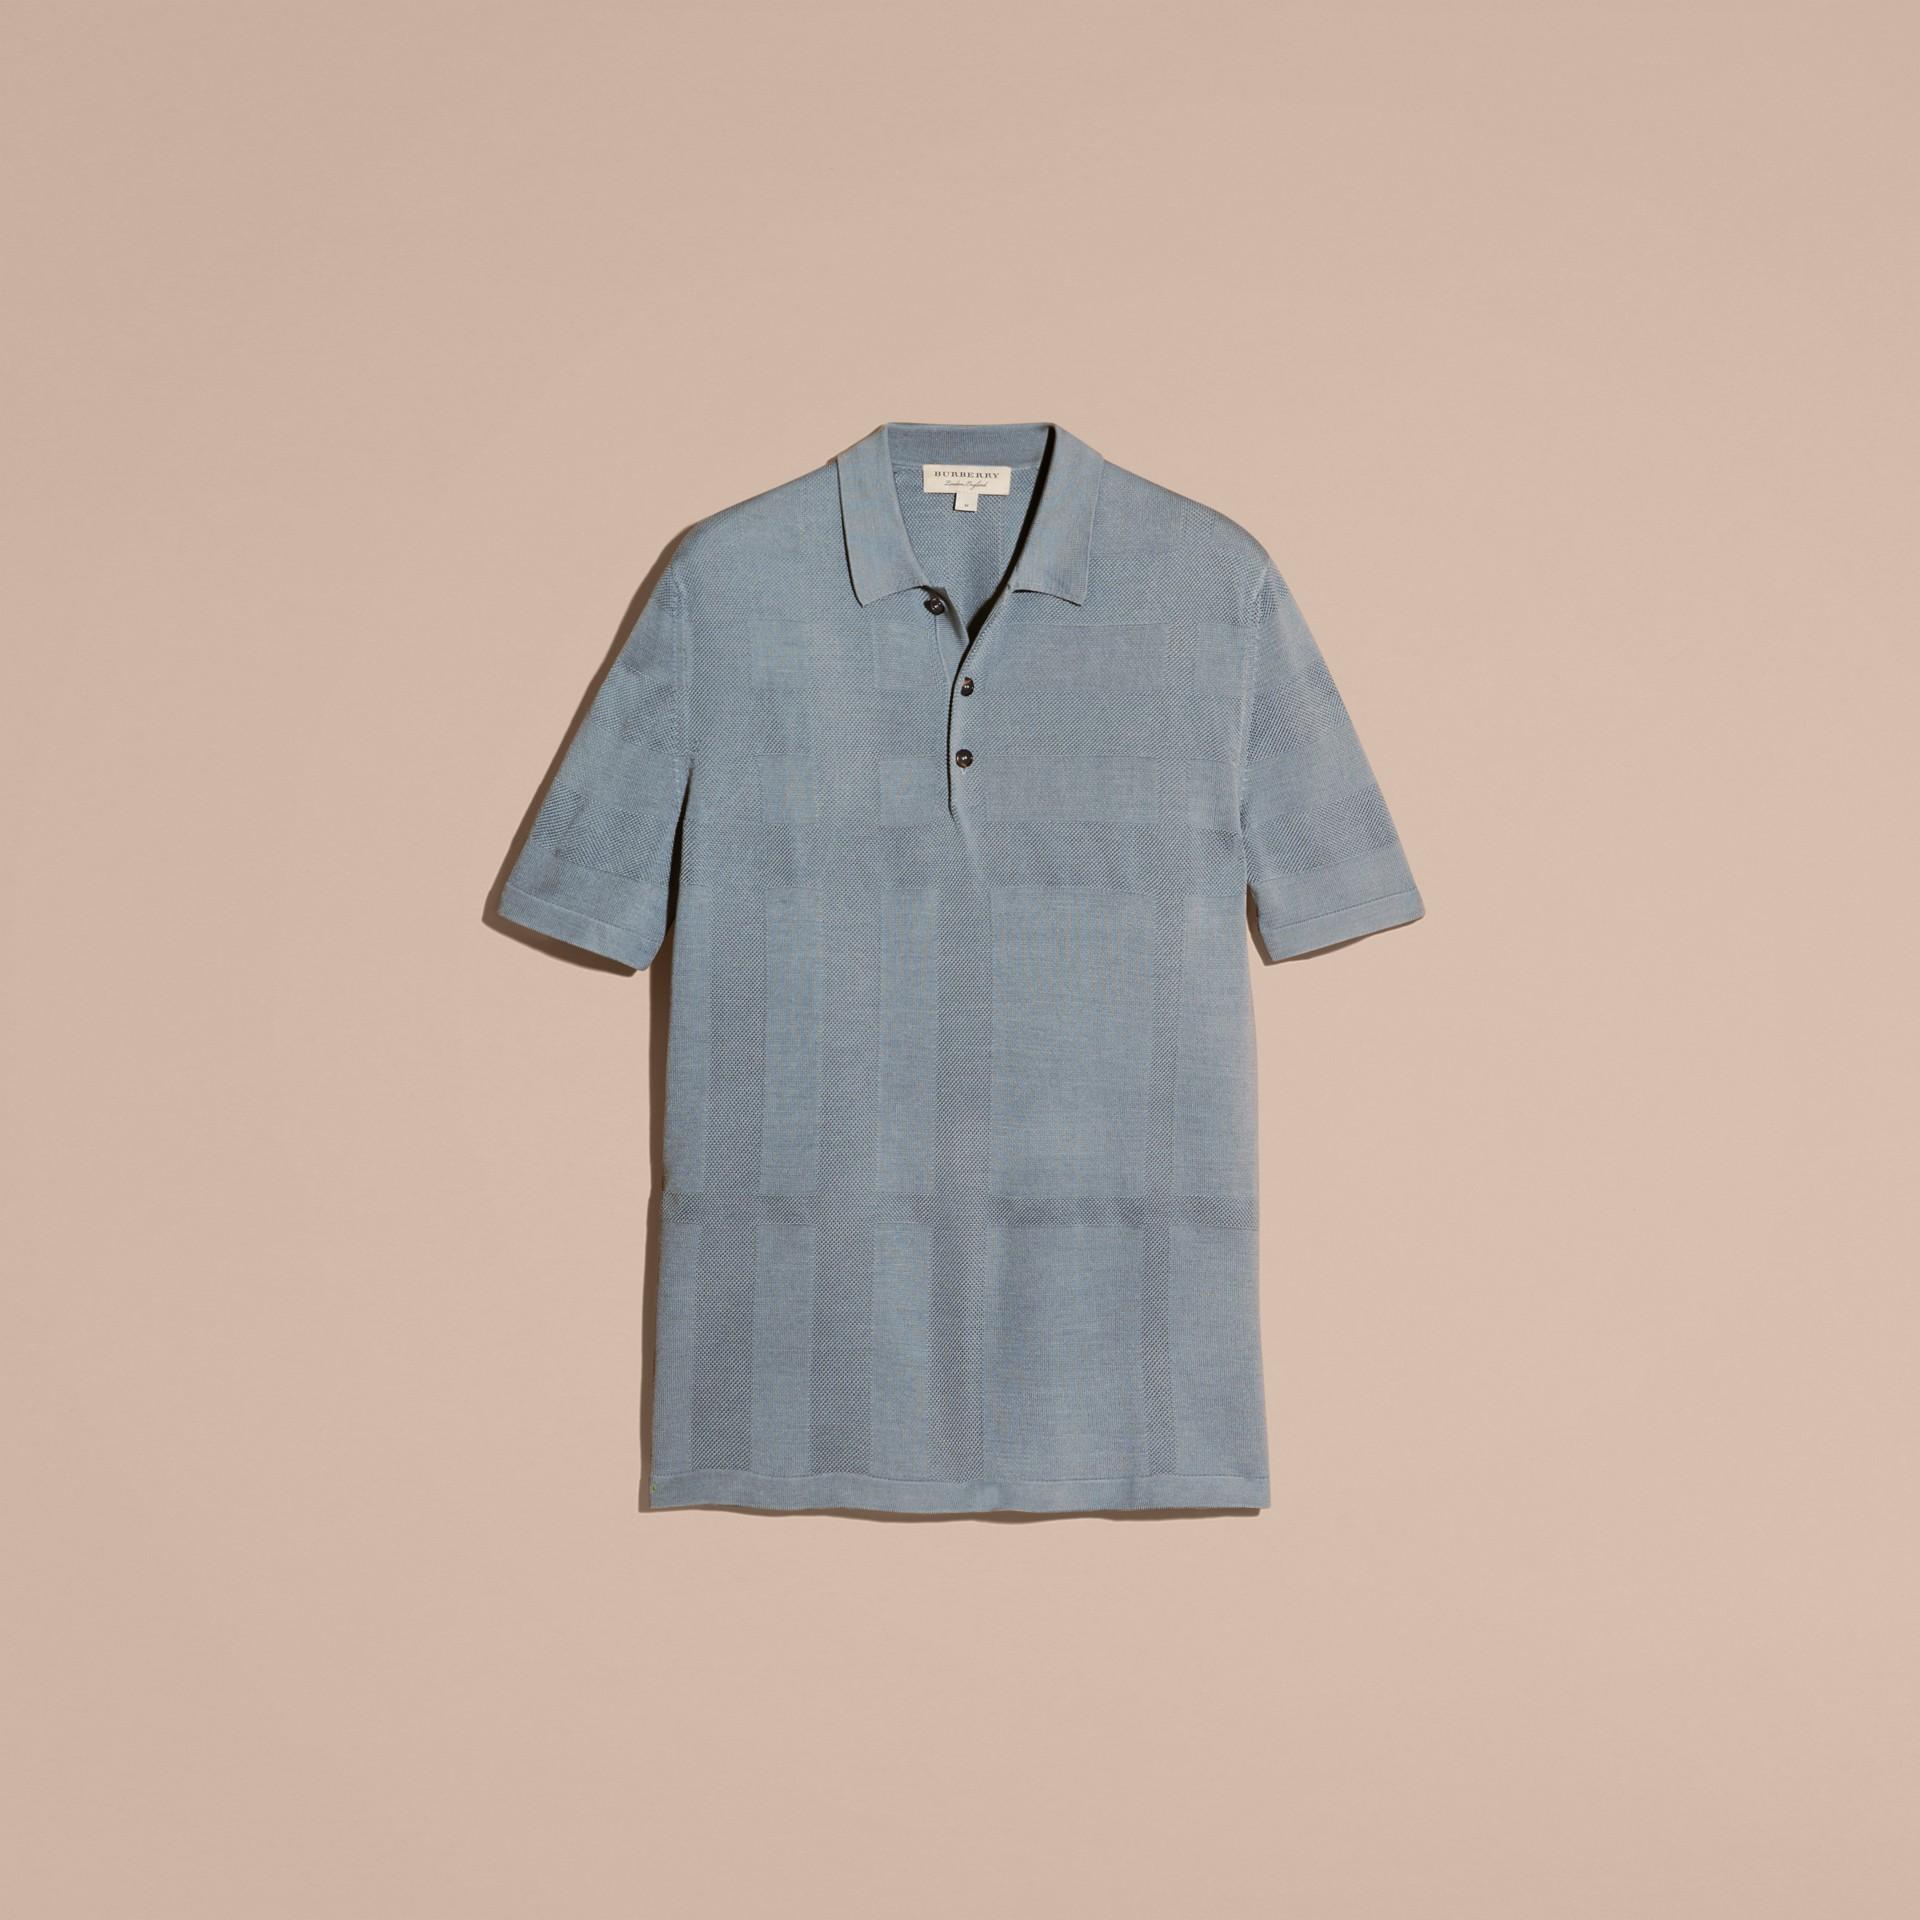 チェックジャカード ピケシルクコットン ポロシャツ (スレートブルー) - メンズ | バーバリー - ギャラリーイメージ 4